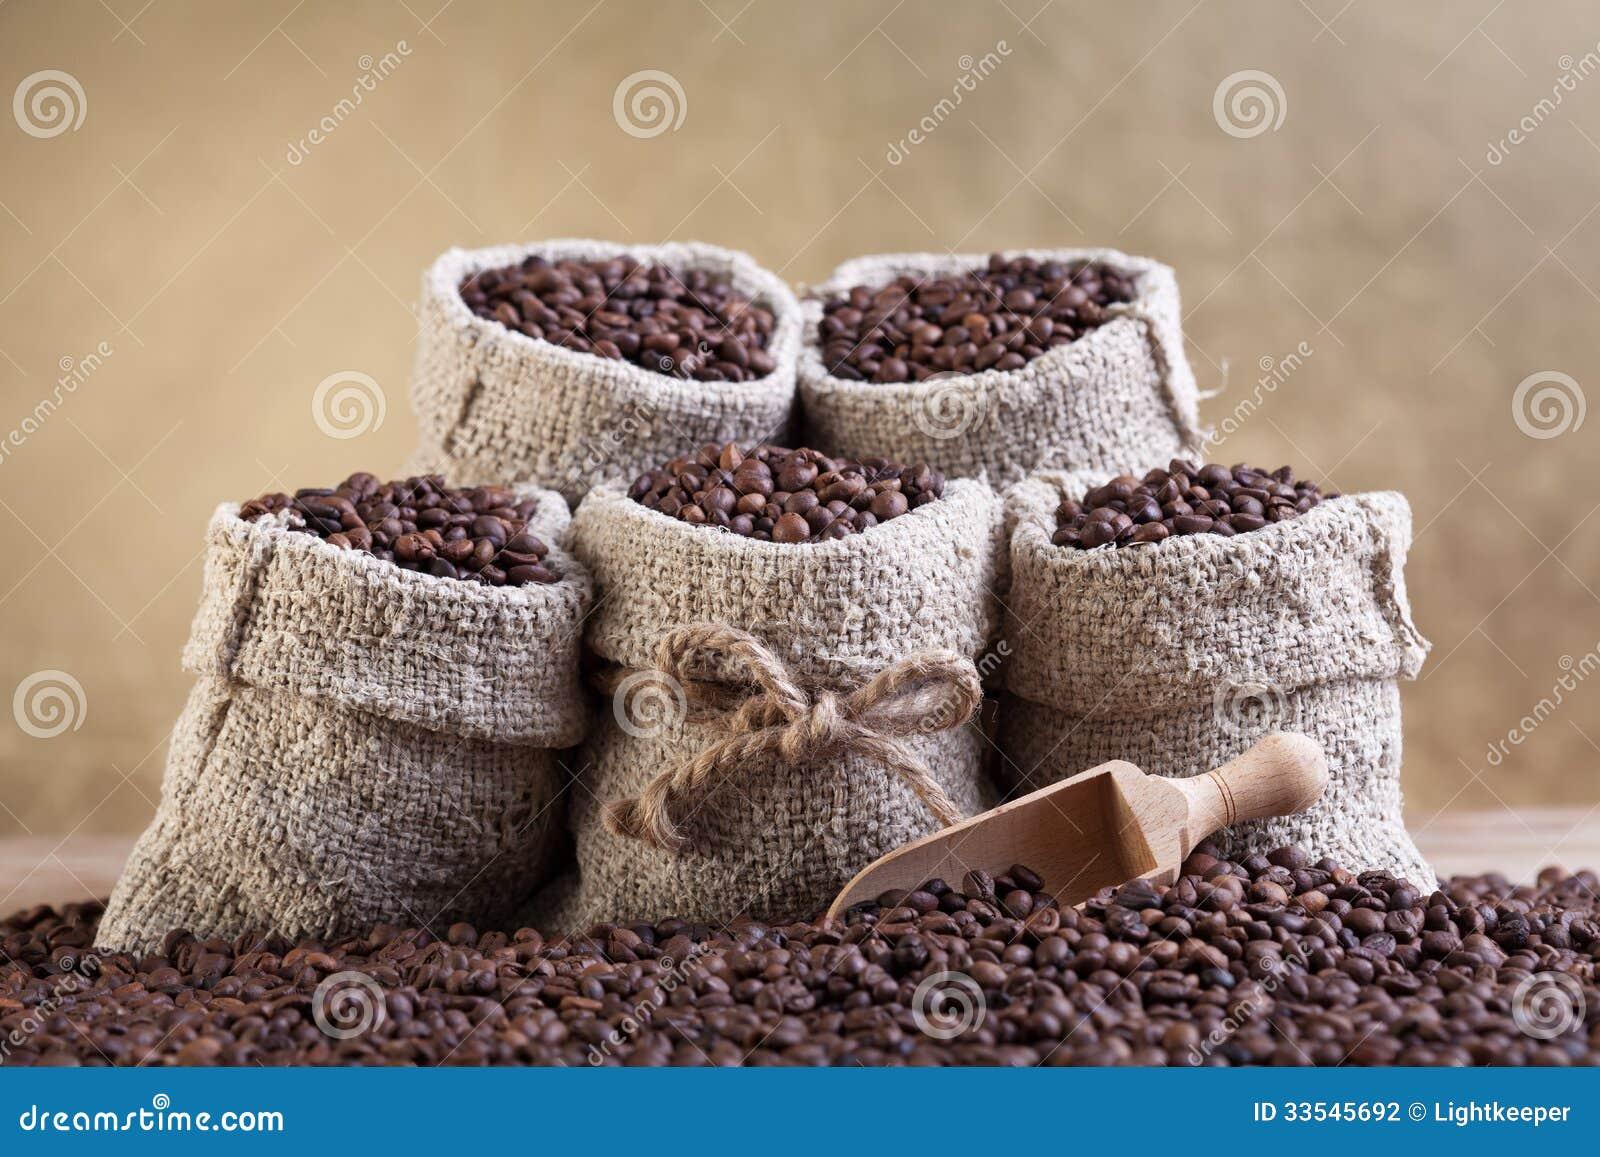 Grains de caf r tis dans de petits sacs de toile de jute - Sac de cafe en grain ...